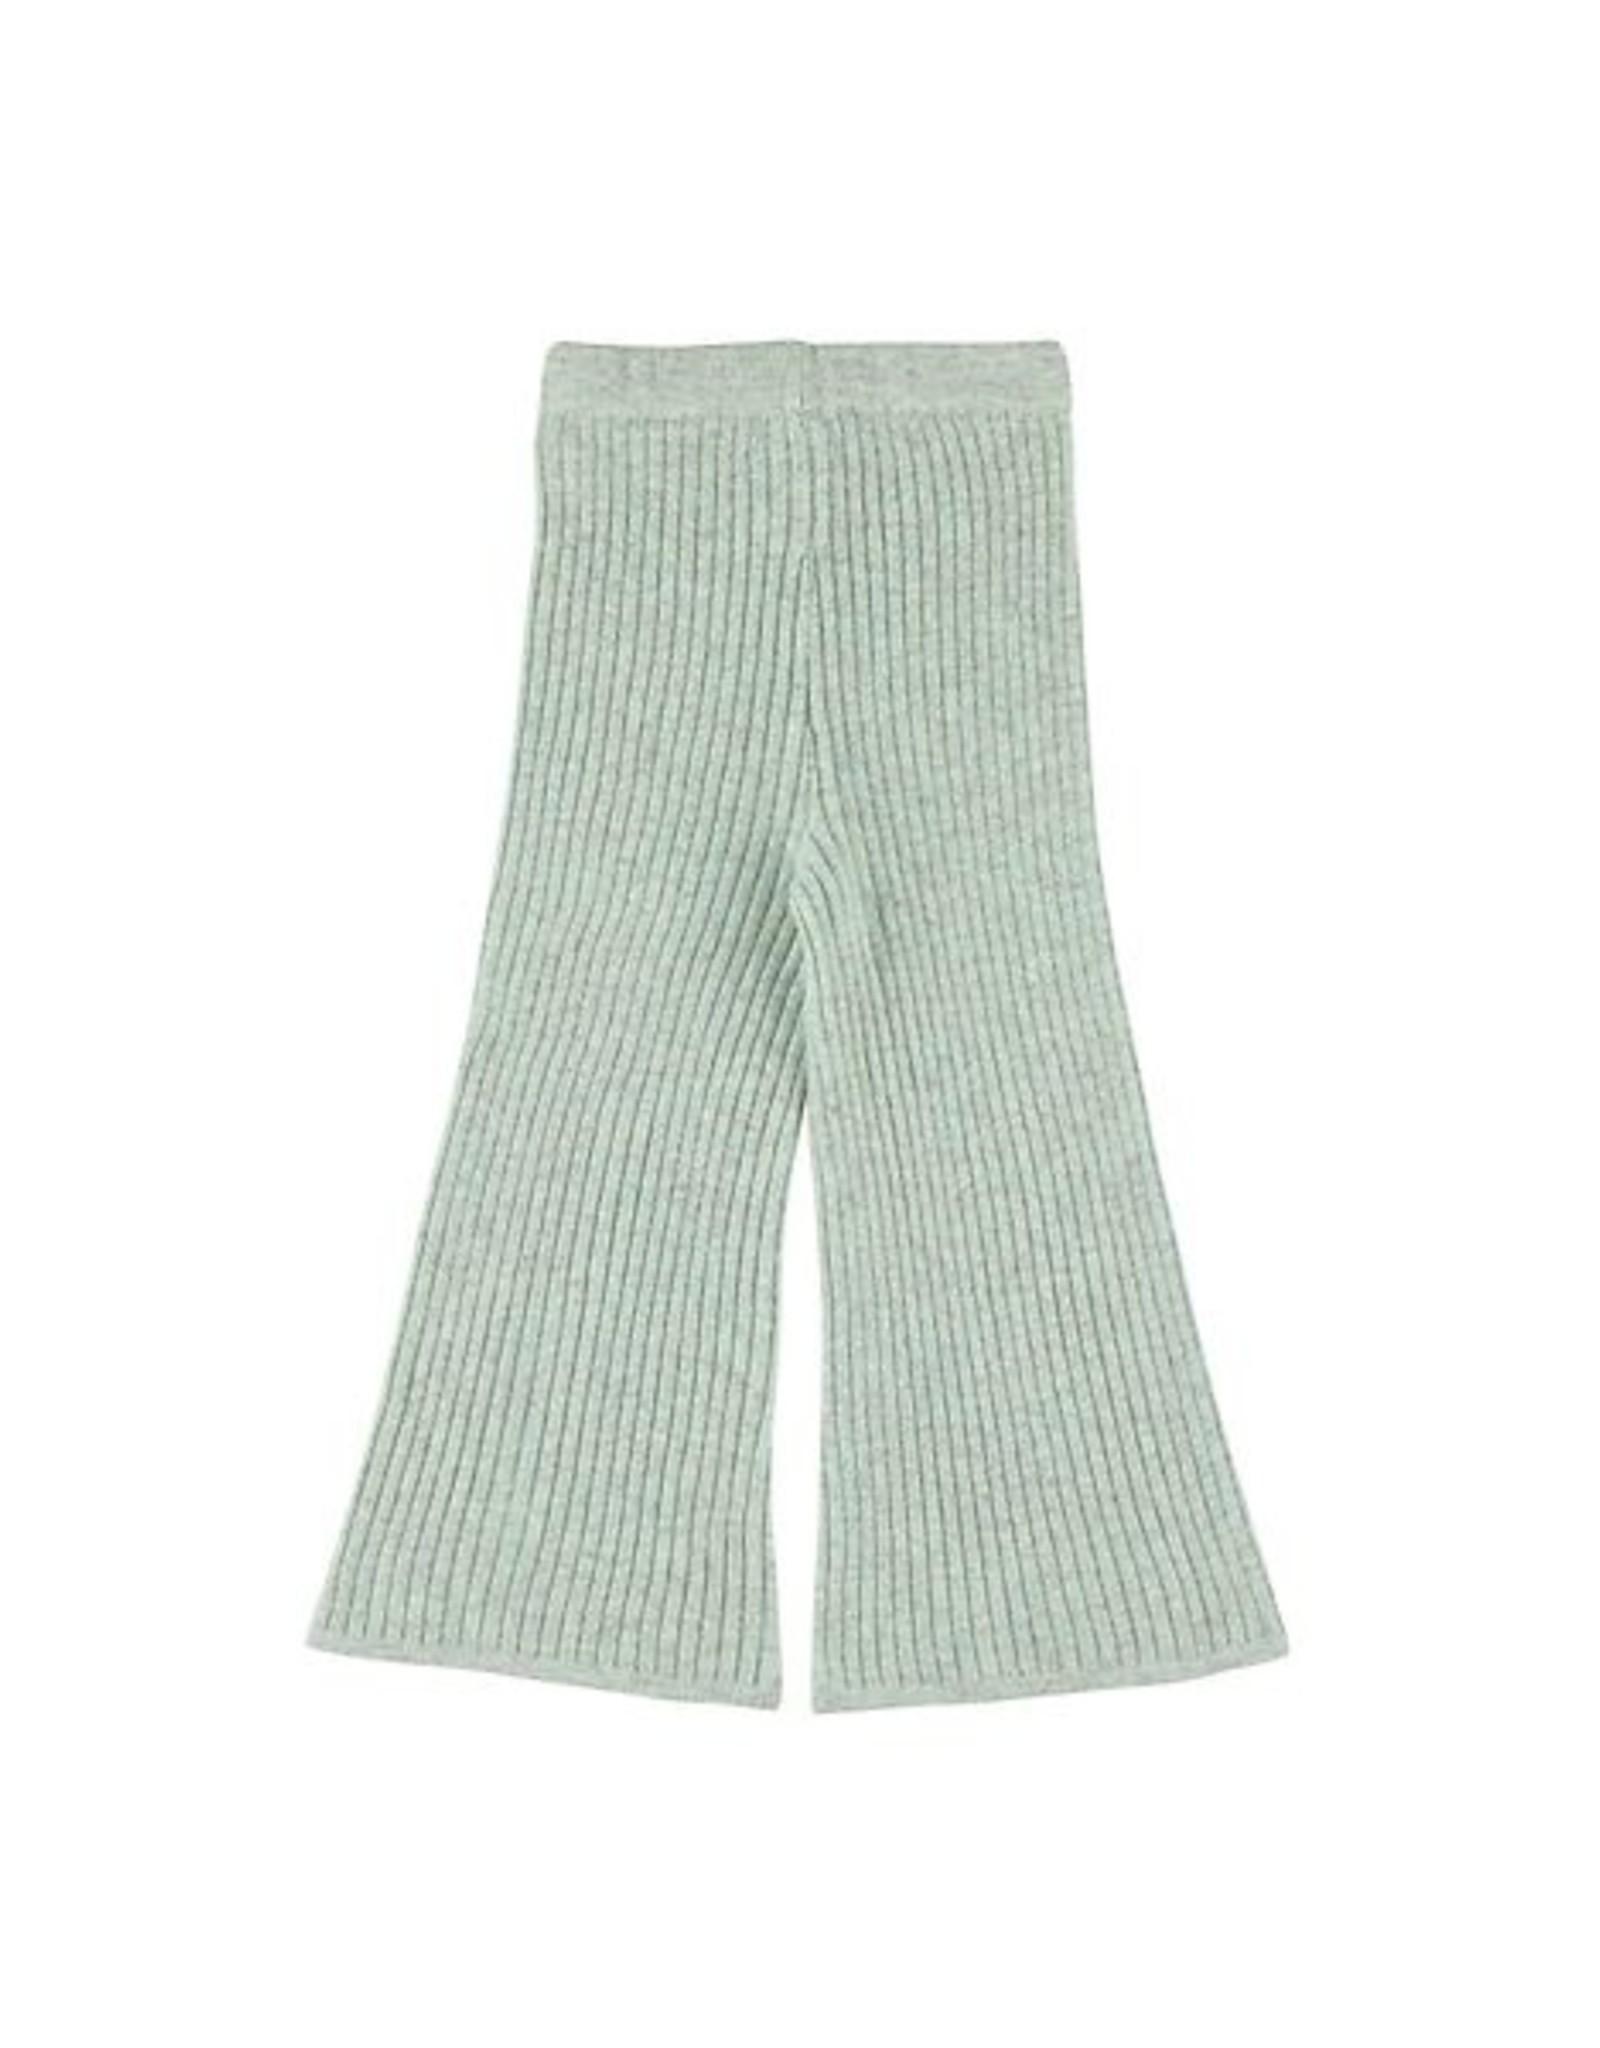 MORLEY MORLEY Ona mintcream trouser